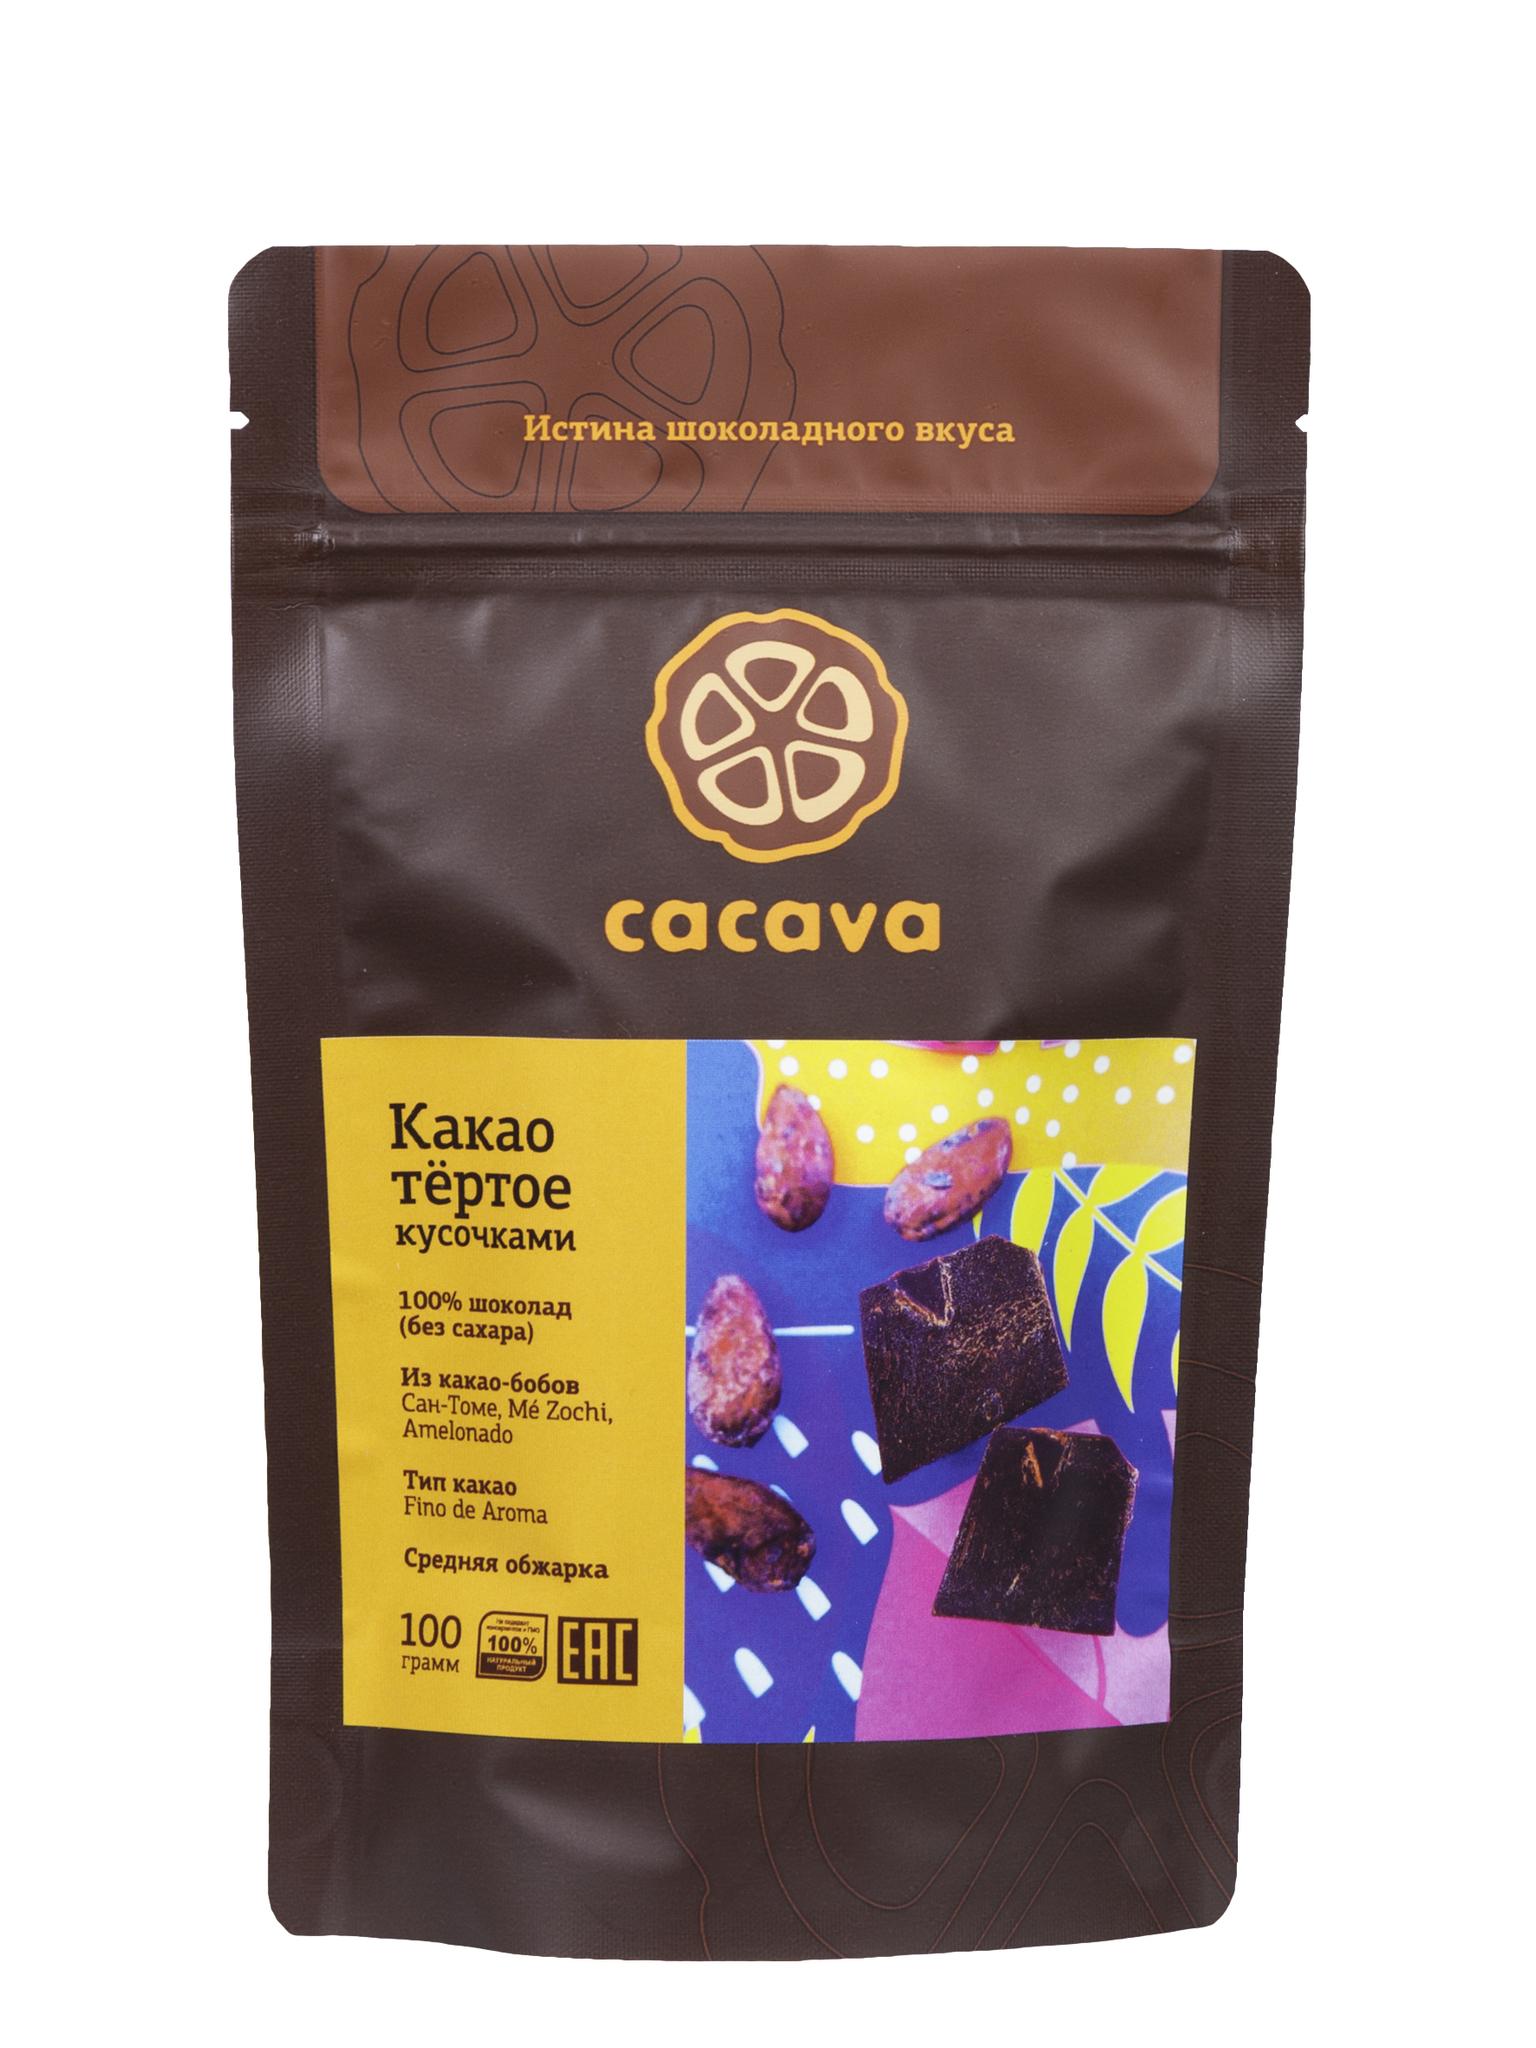 Какао тёртое кусочками (Сан-Томе), упаковка 100 грамм